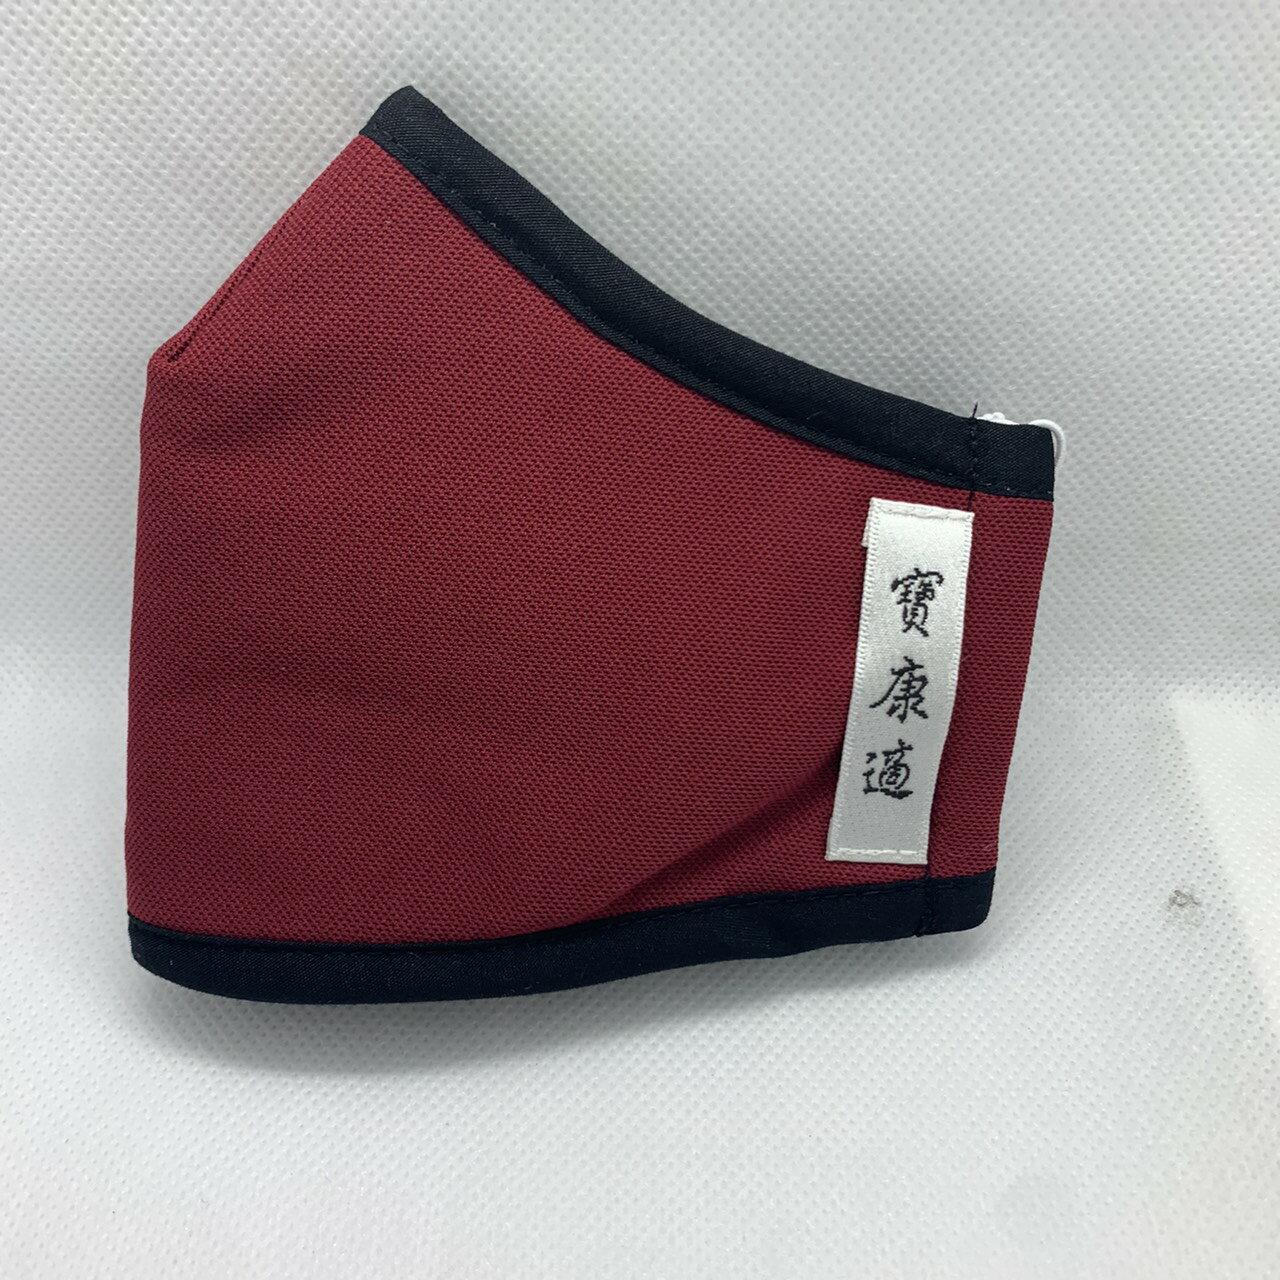 水洗口罩 素面顏色 CNS認證/奈米銀/台灣製造 MIT